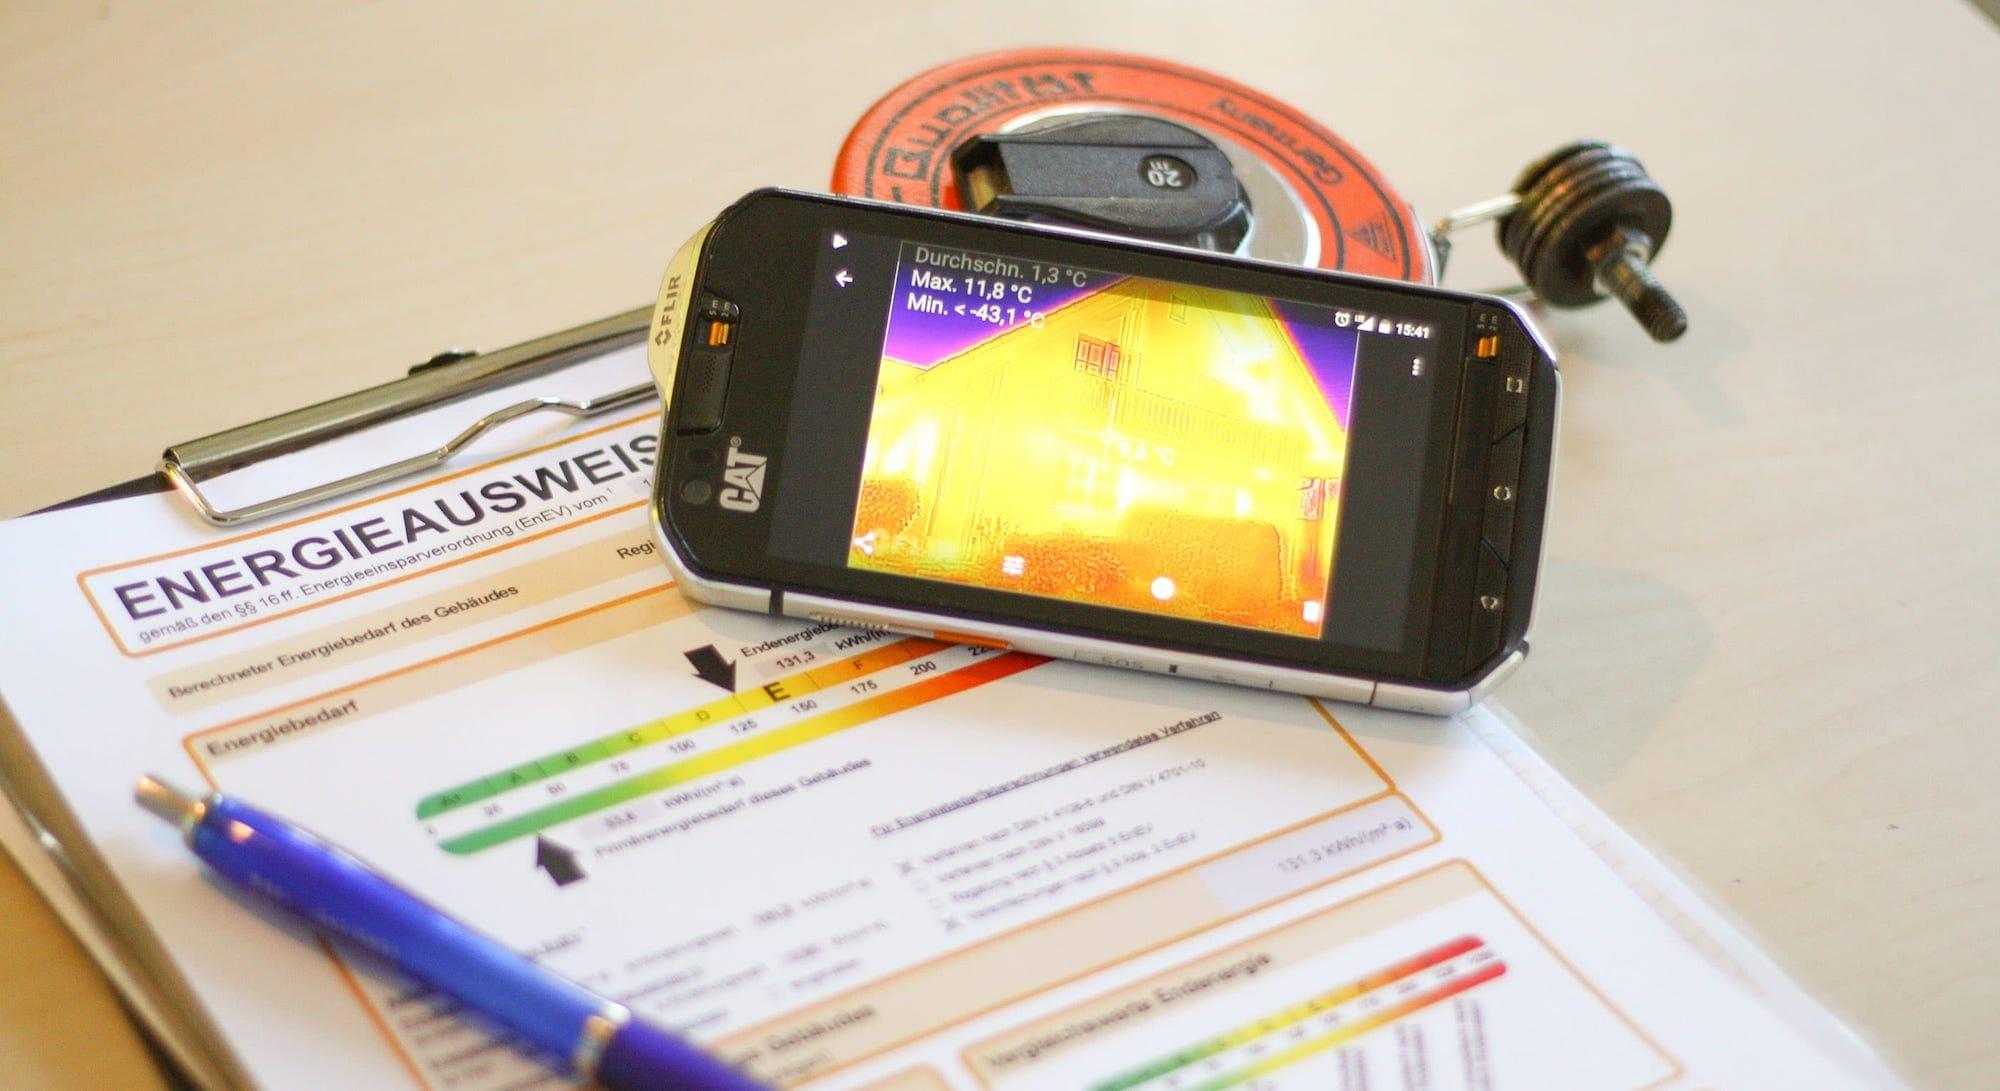 Energieberatung mit Wärmebildkamera zum Erstellen des Energieausweis